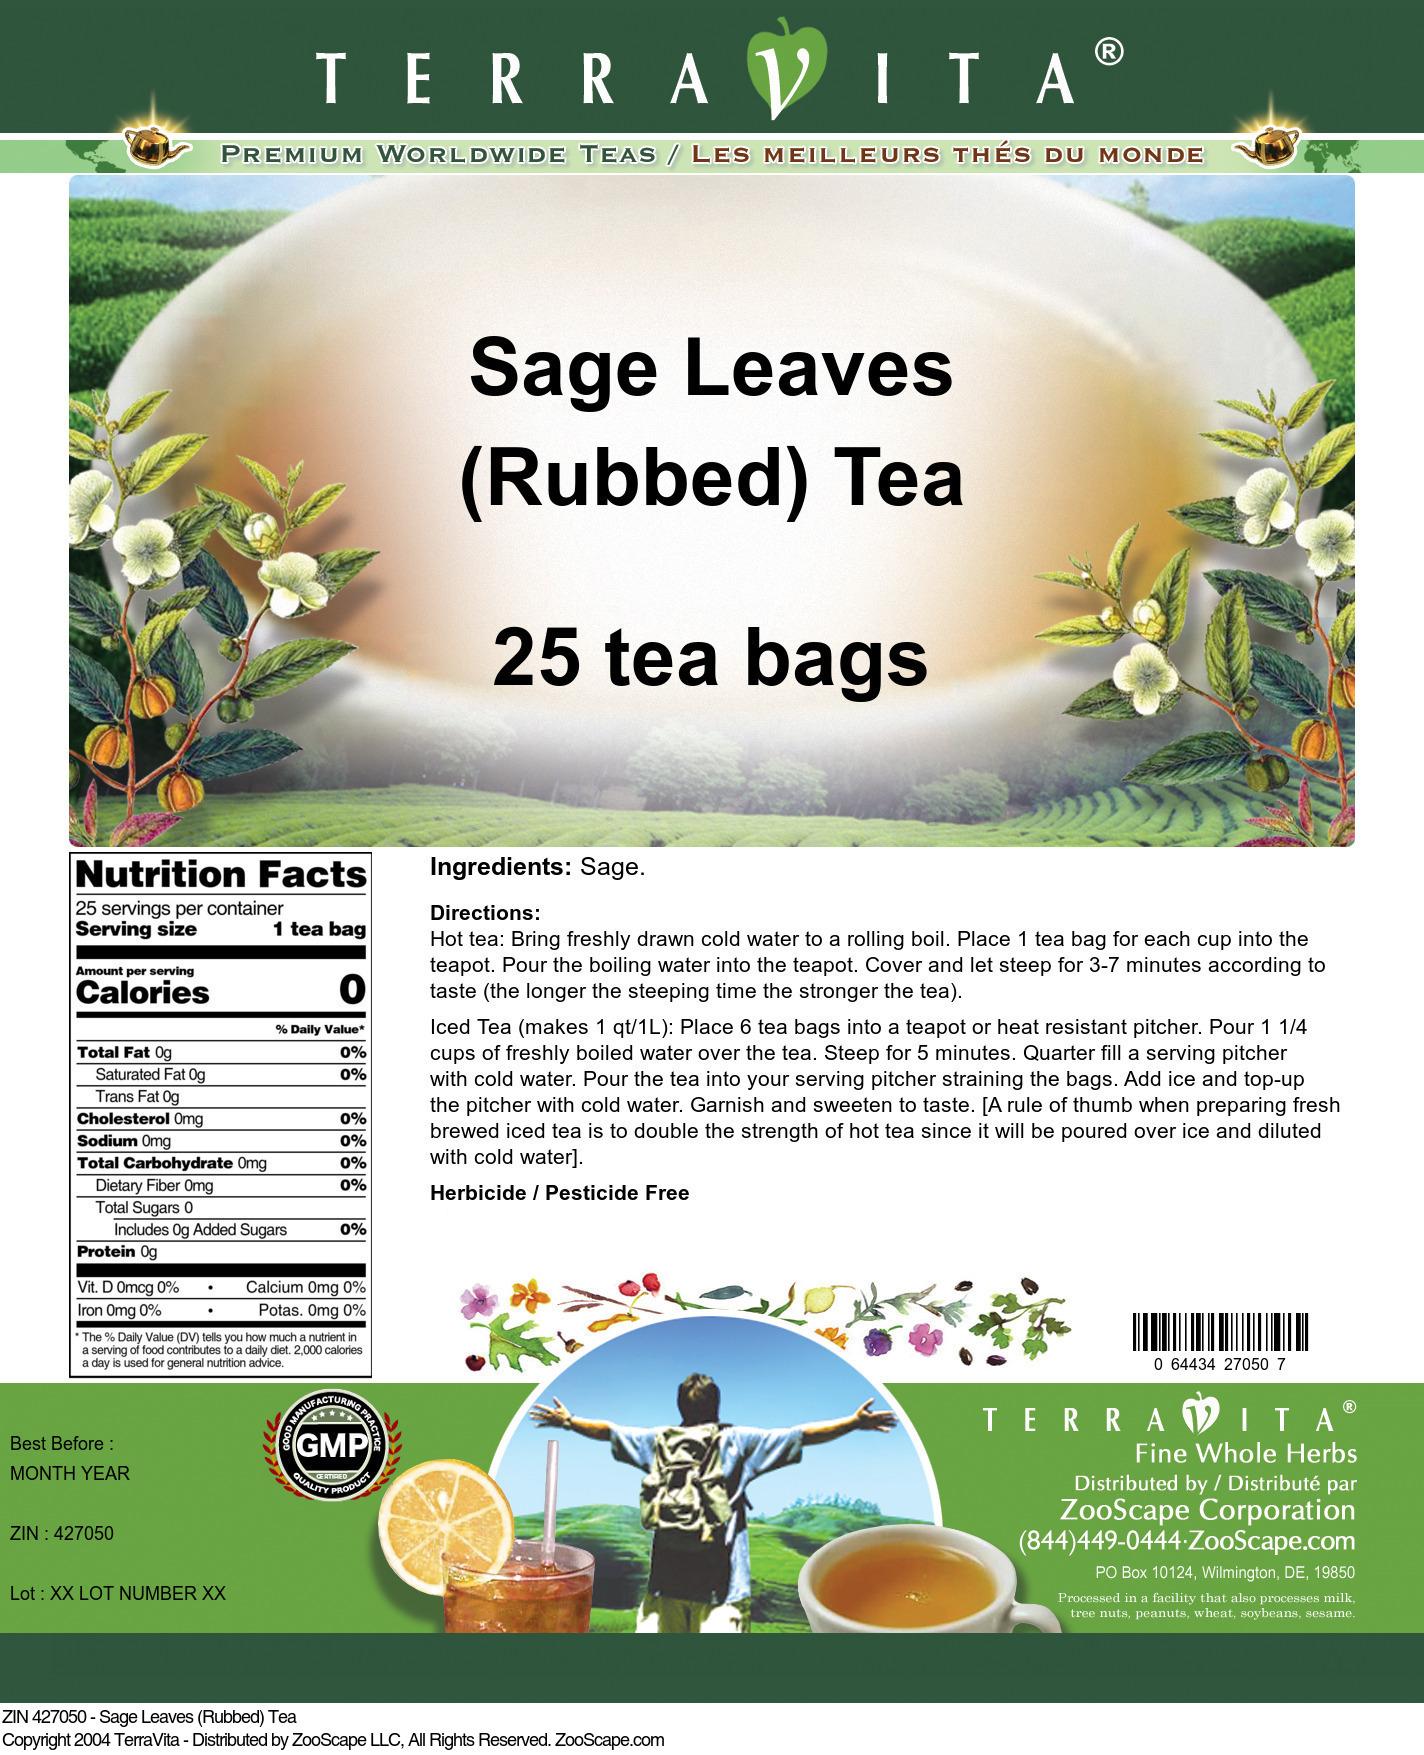 Sage Leaves (Rubbed) Tea